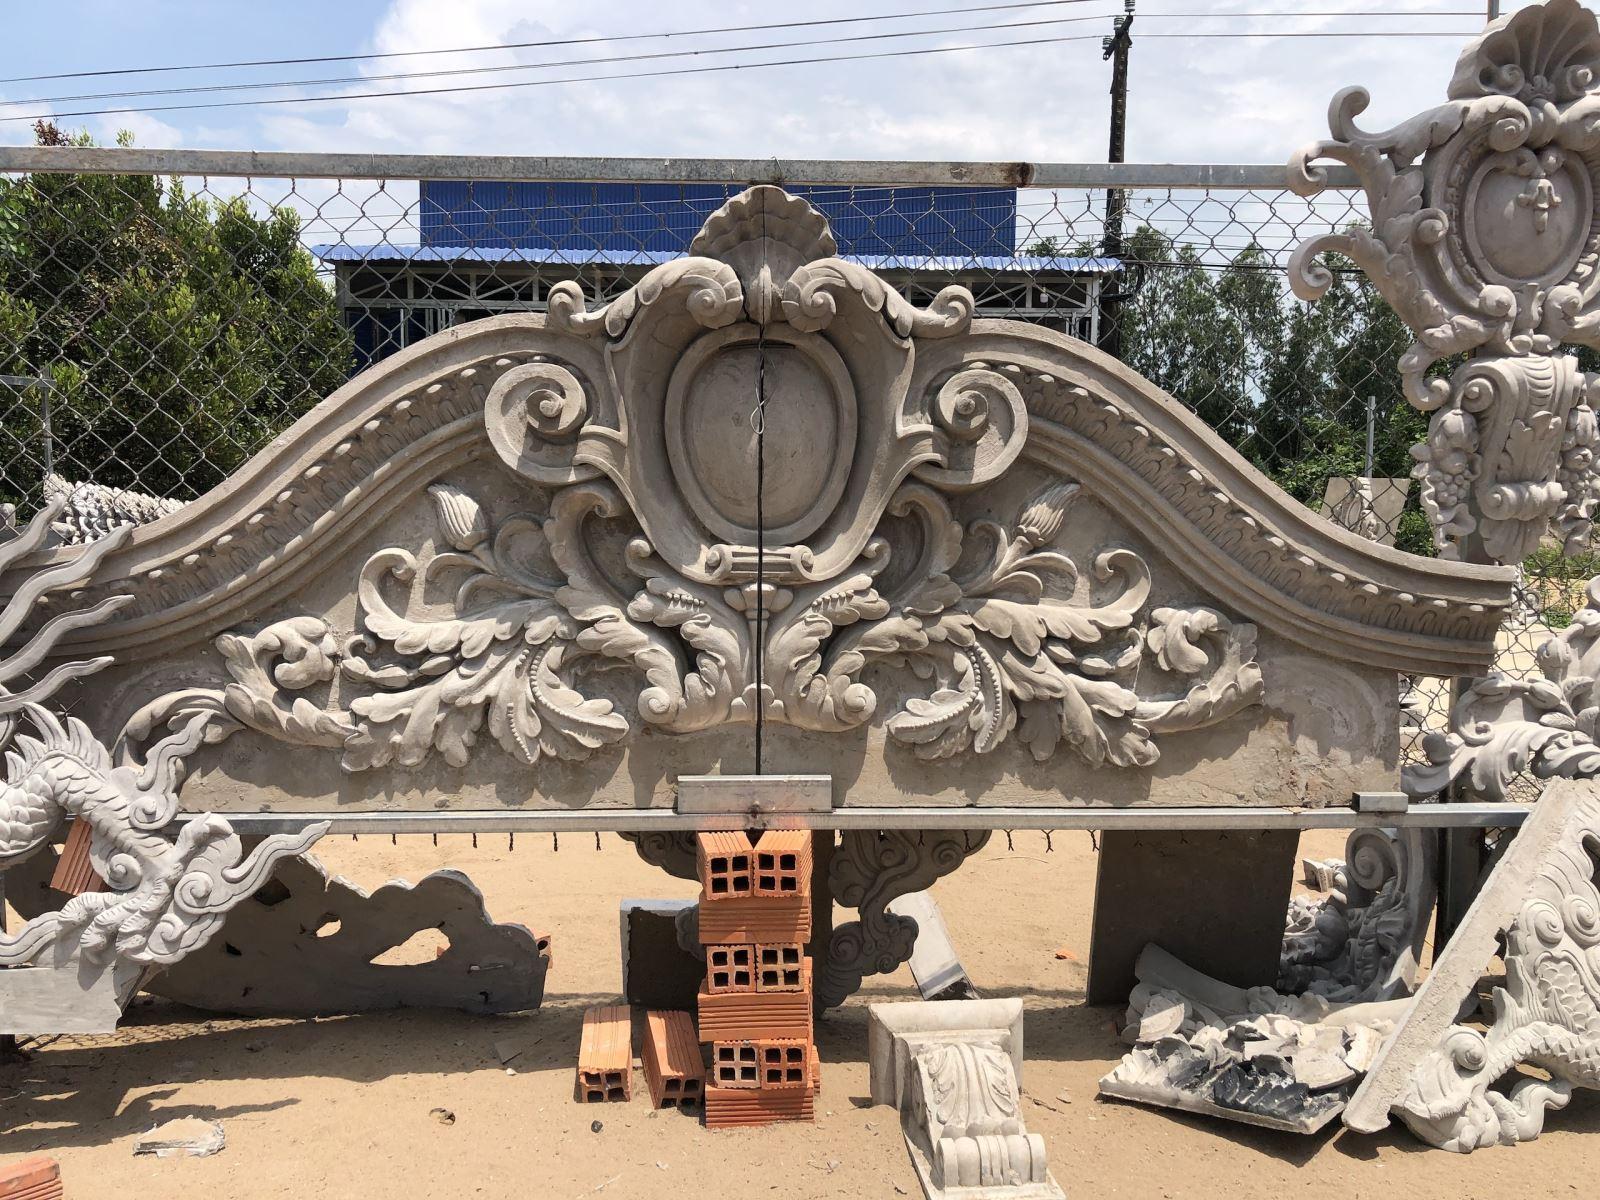 Điêu khắc phù điêu với tranh đắp bằng xi măng